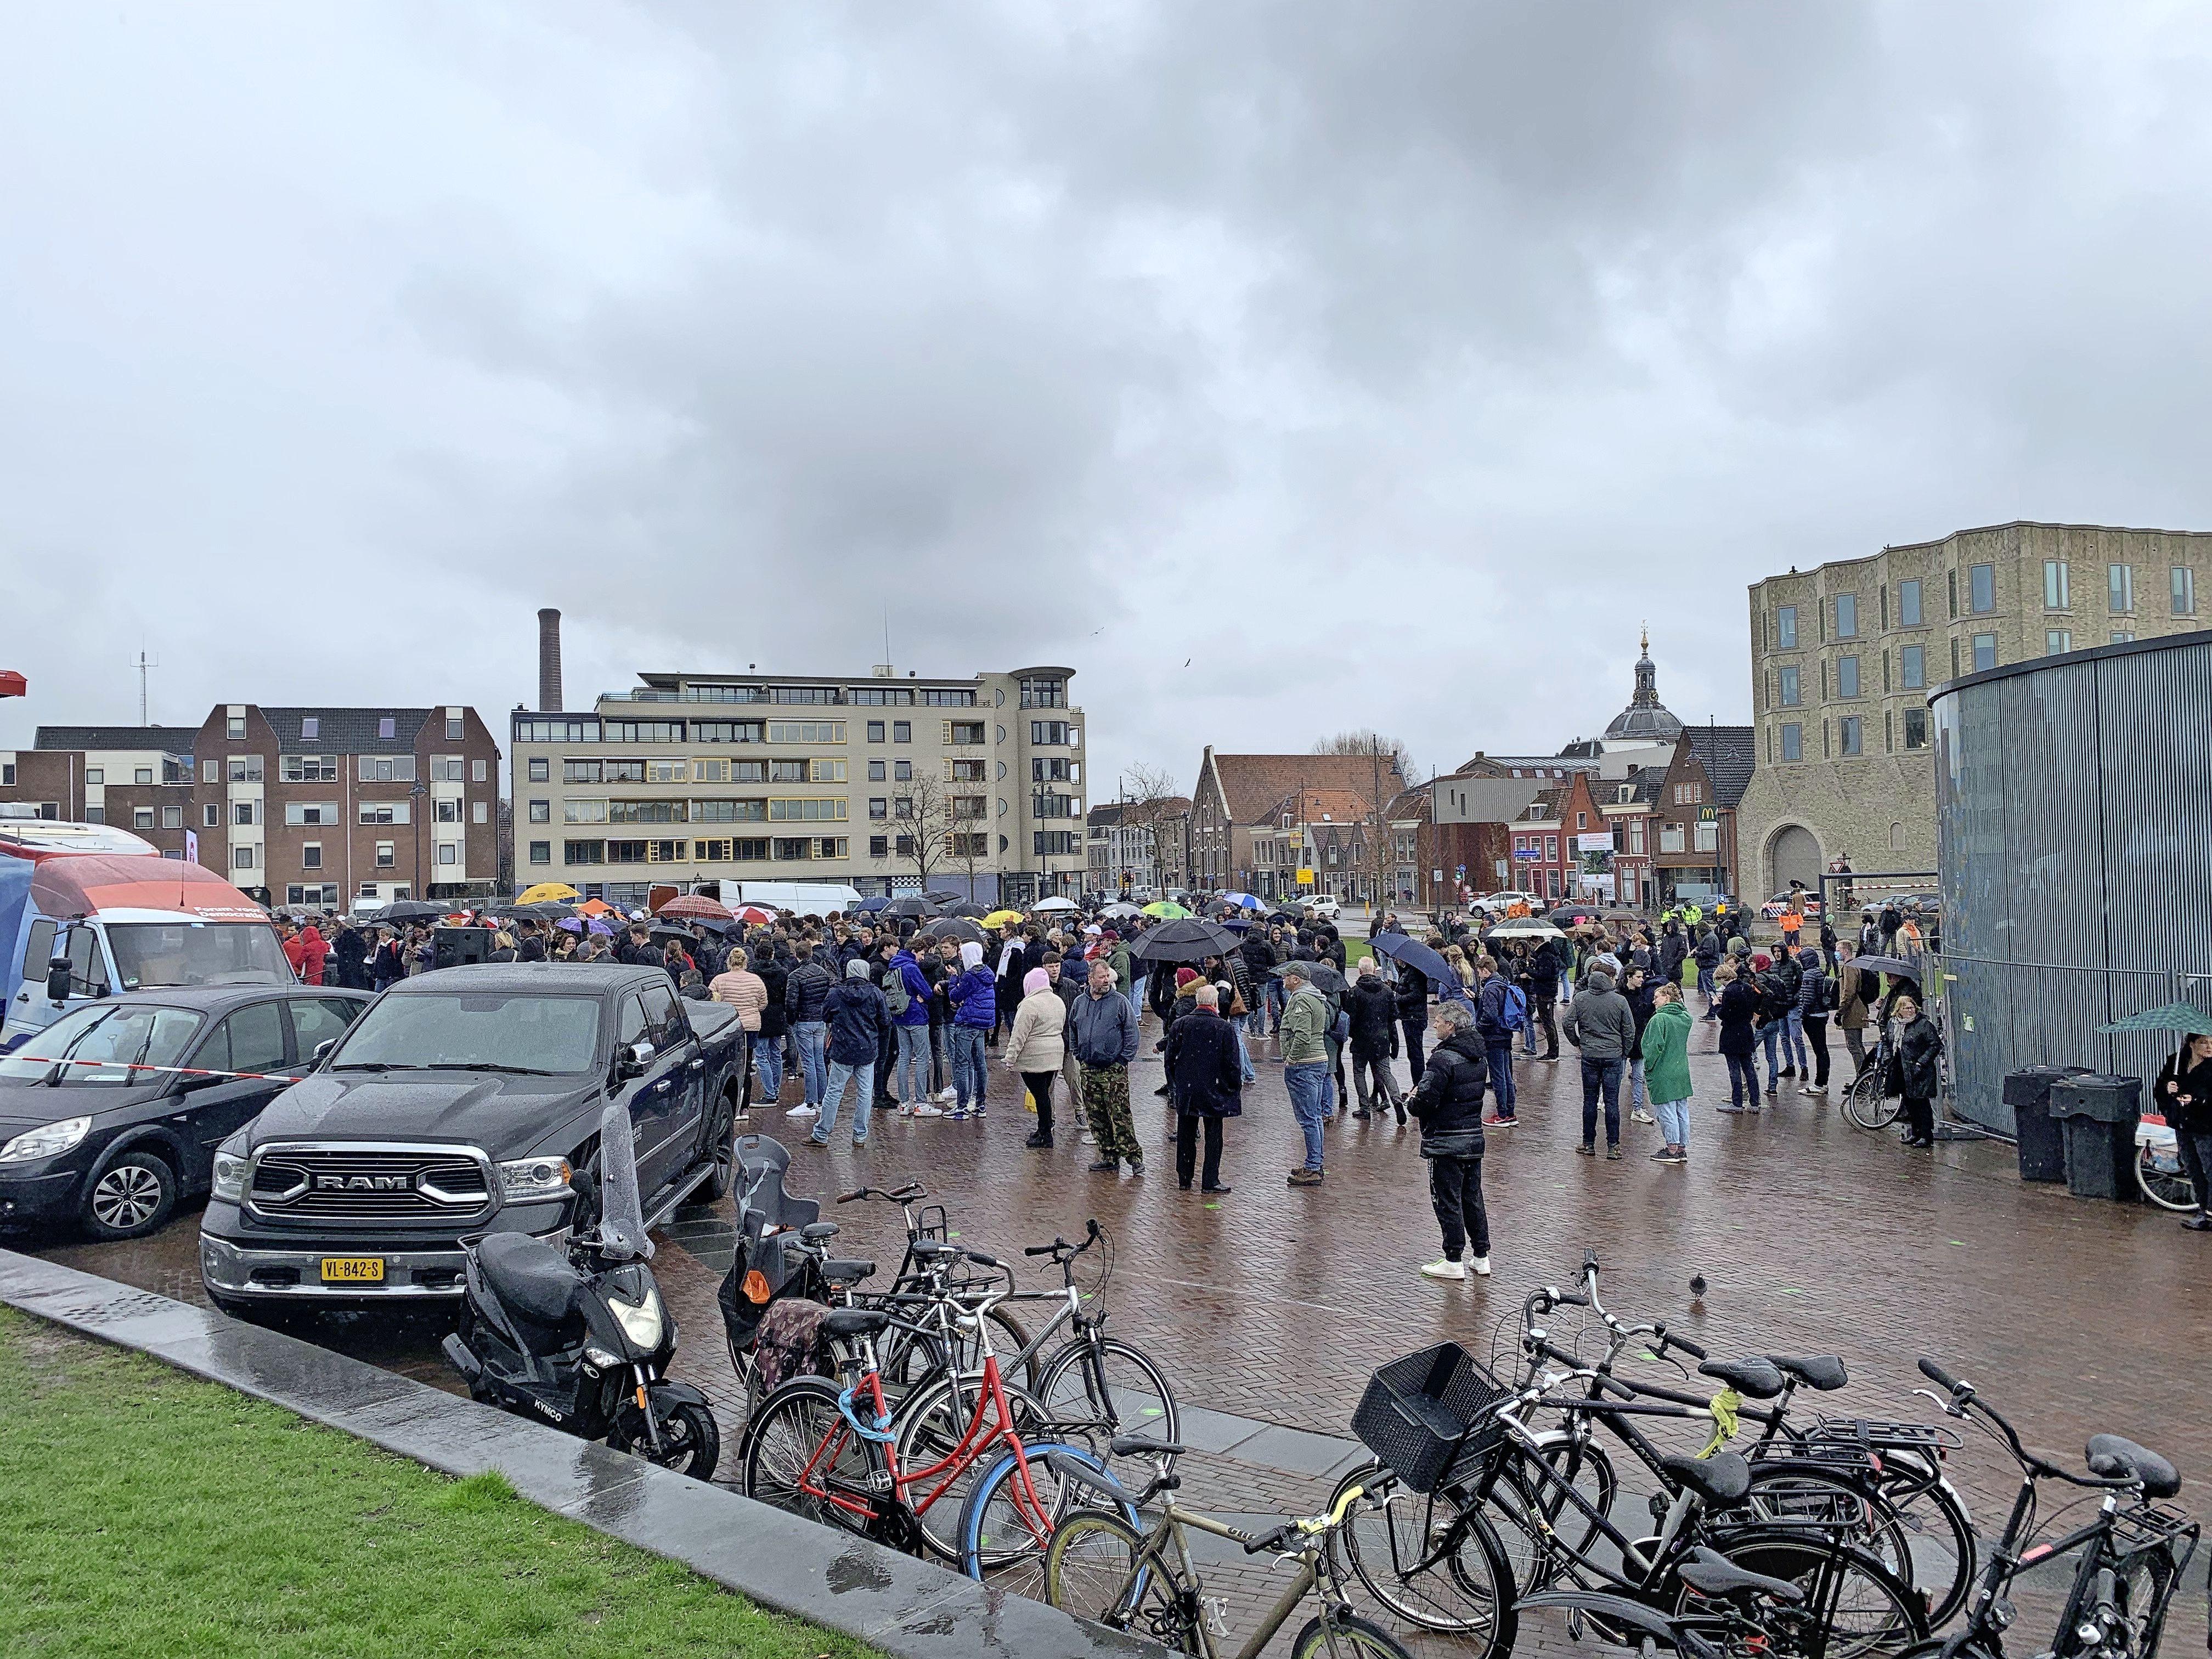 Thierry Baudet trekt grote menigte op Leidse Lammermarkt, aanhangers volgen coronamaatregelen halfslachtig op [video]